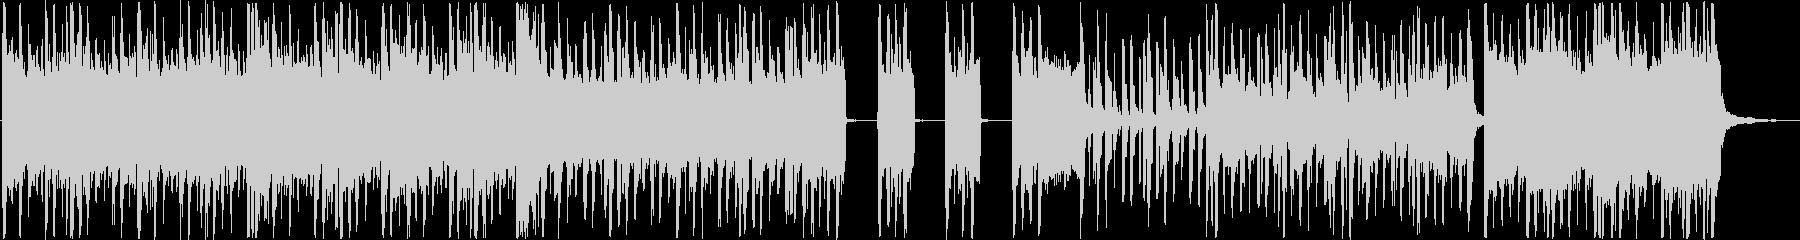 近代的なギターロックの未再生の波形